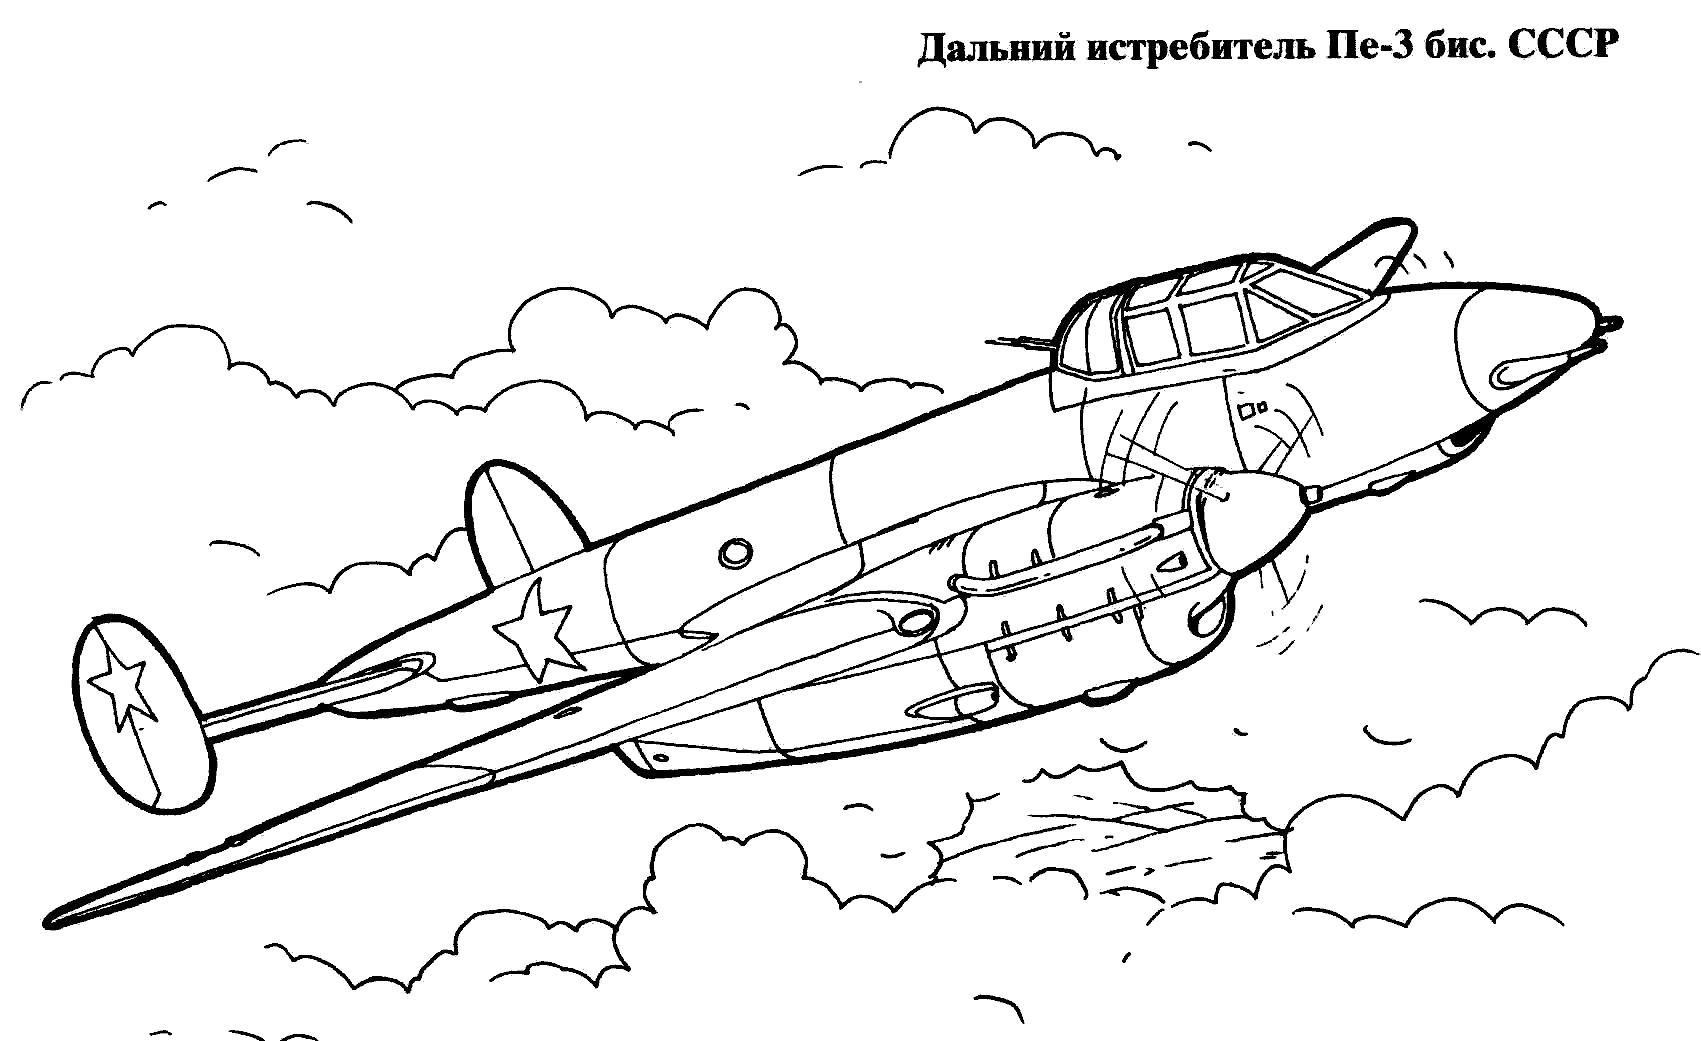 Дальний истребитель в небе Раскрашивать раскраски для мальчиков